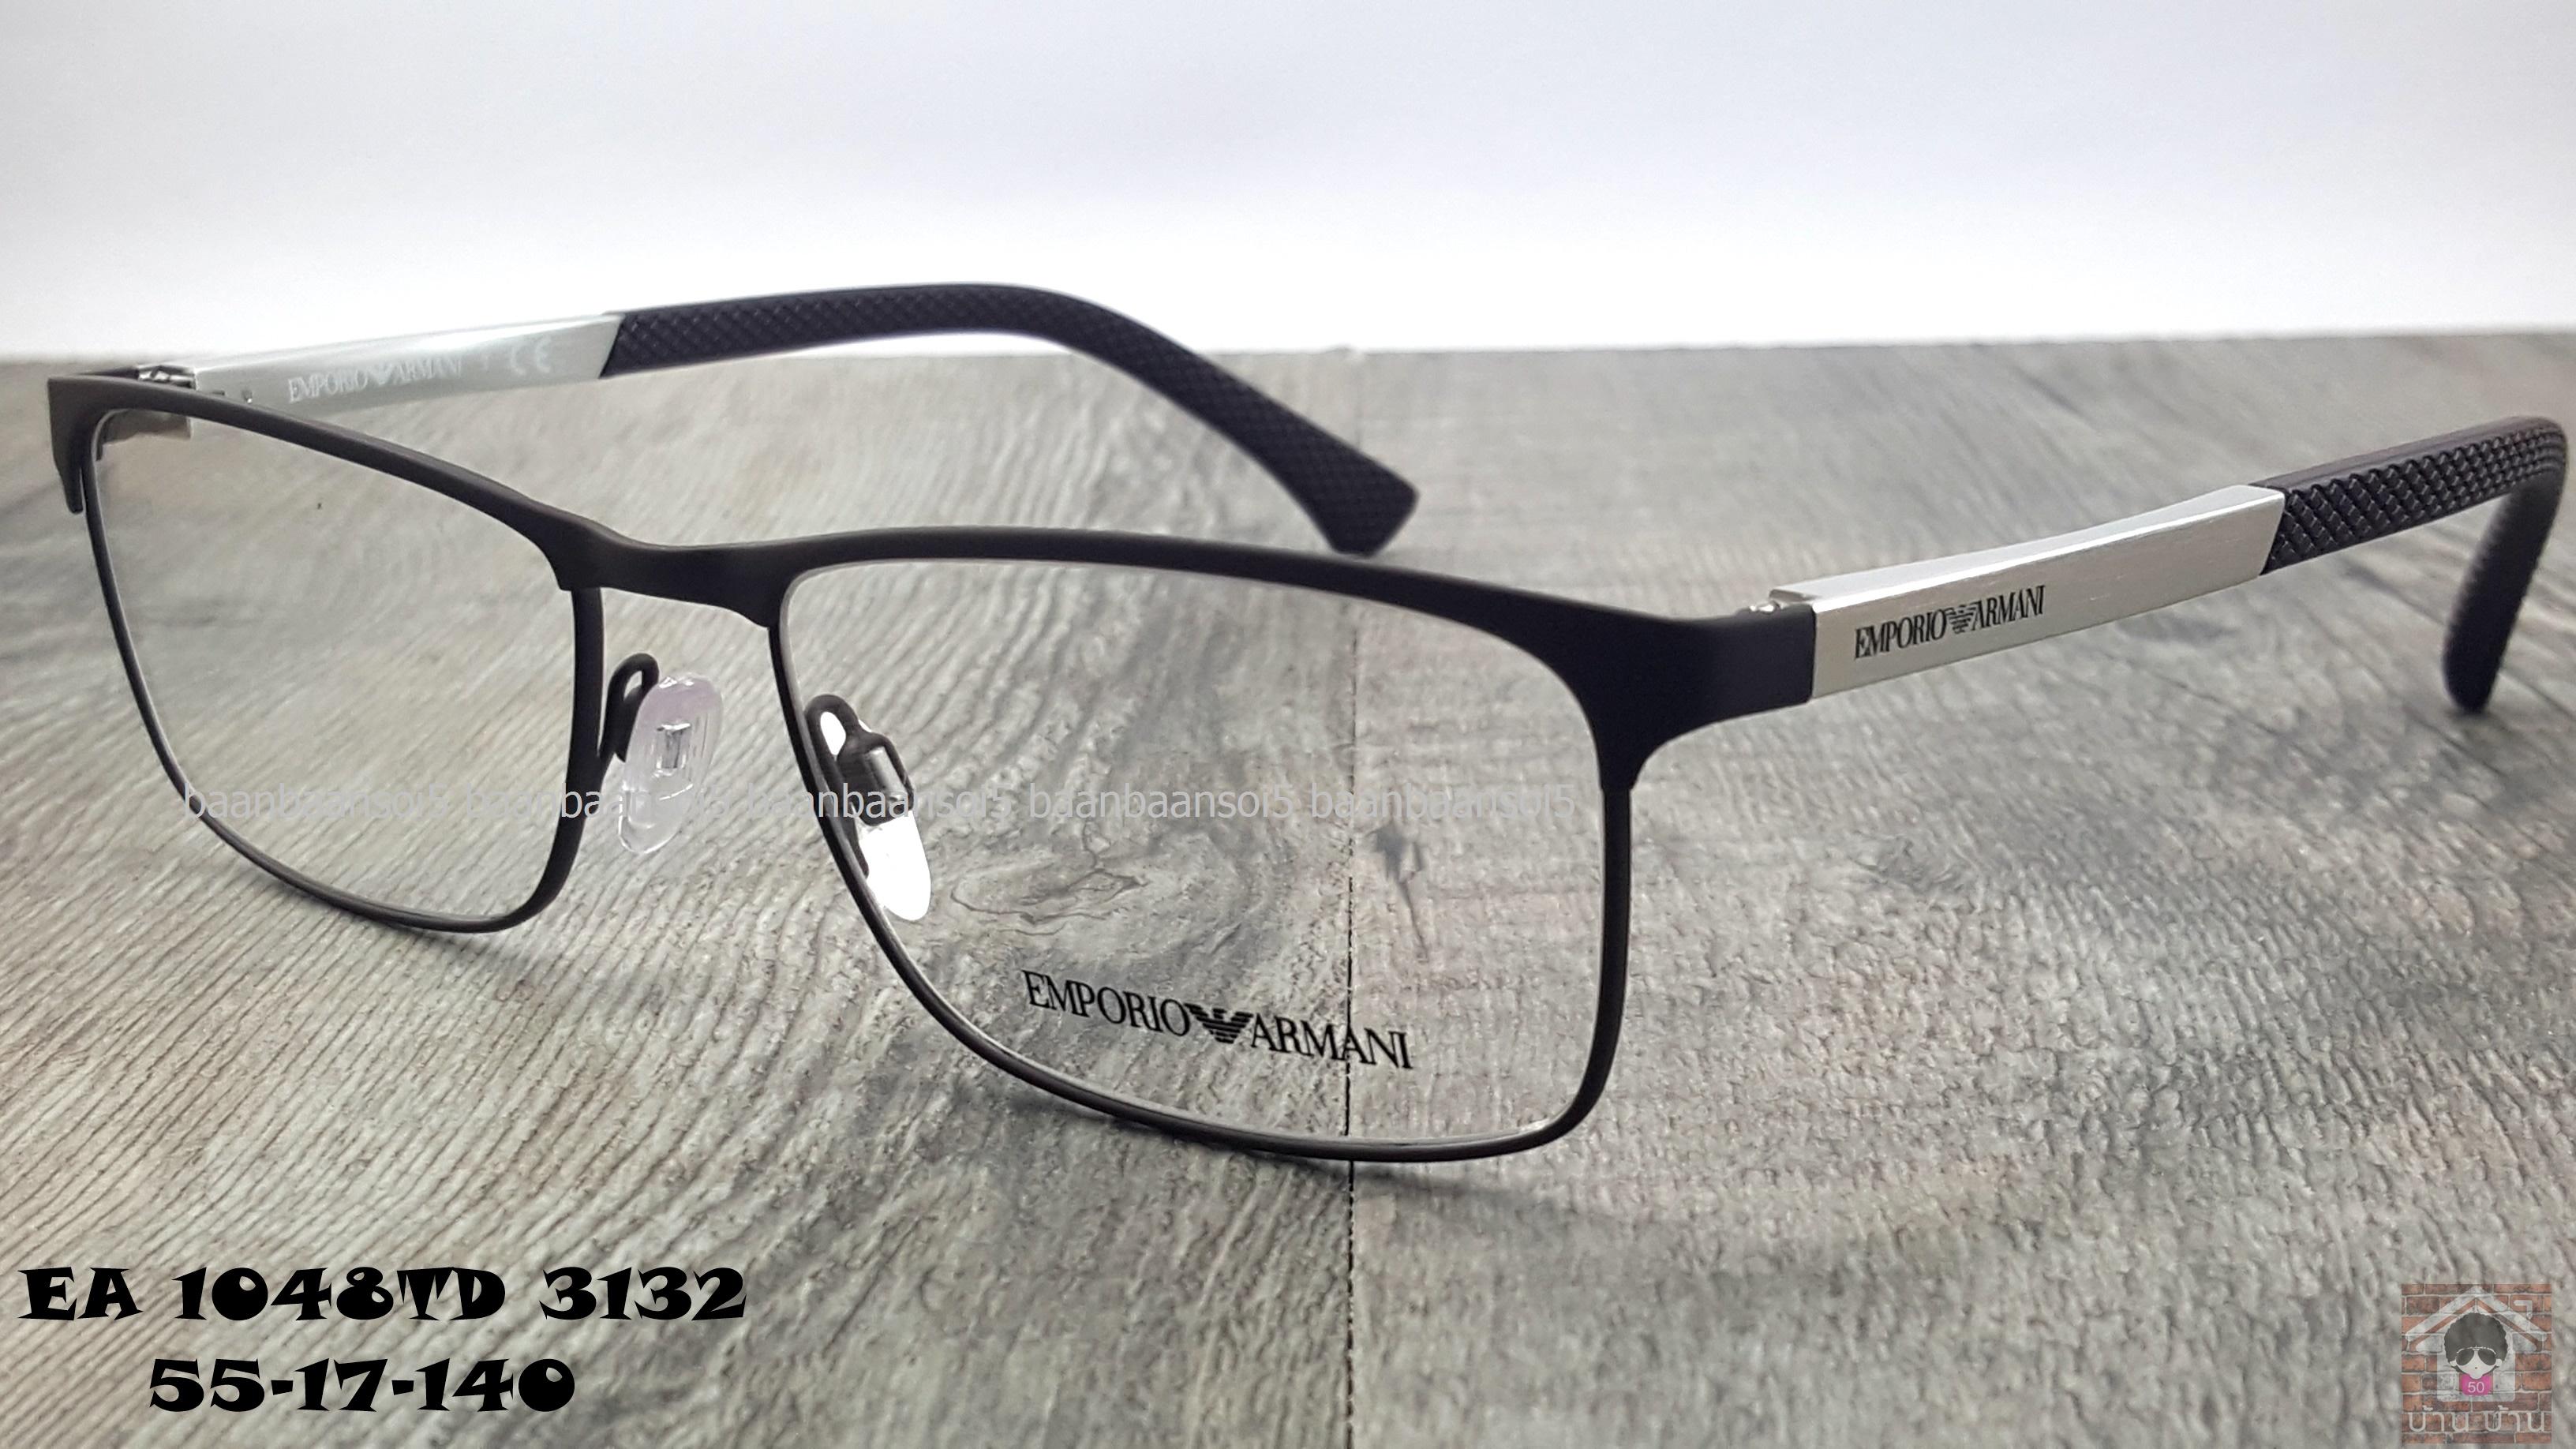 Empoiro Armani EA 1048D 3132 โปรโมชั่น กรอบแว่นตาพร้อมเลนส์ HOYA ราคา 5,300 บาท